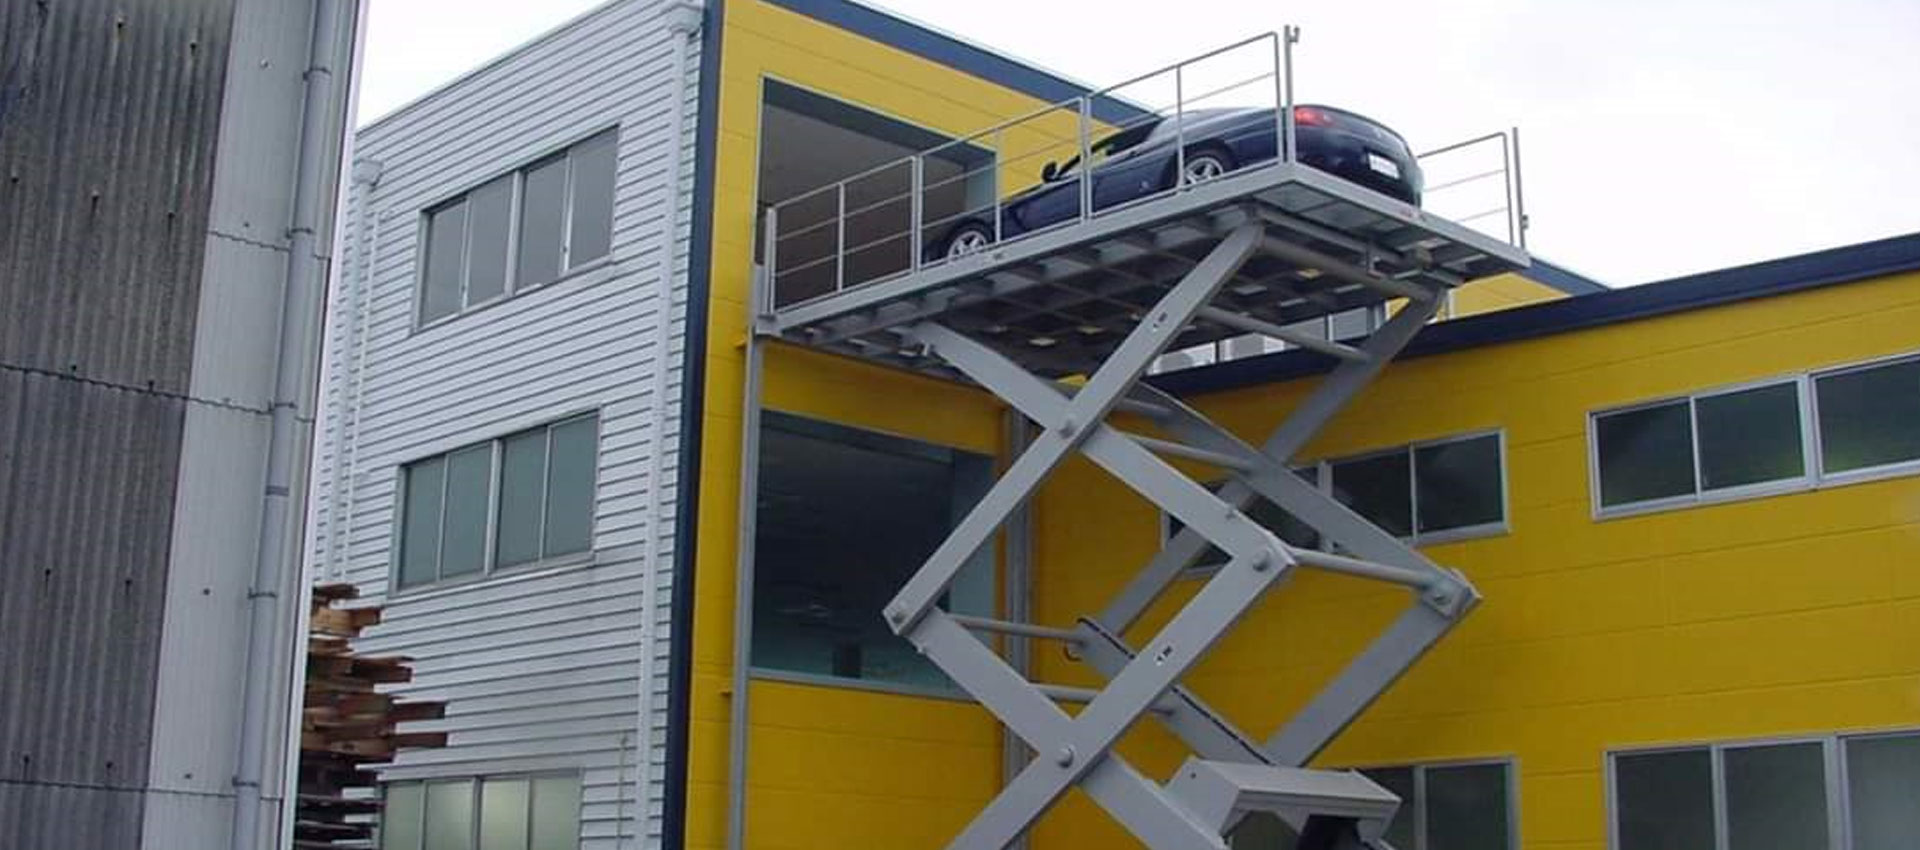 yigit-hidrolik-otopark-lifti